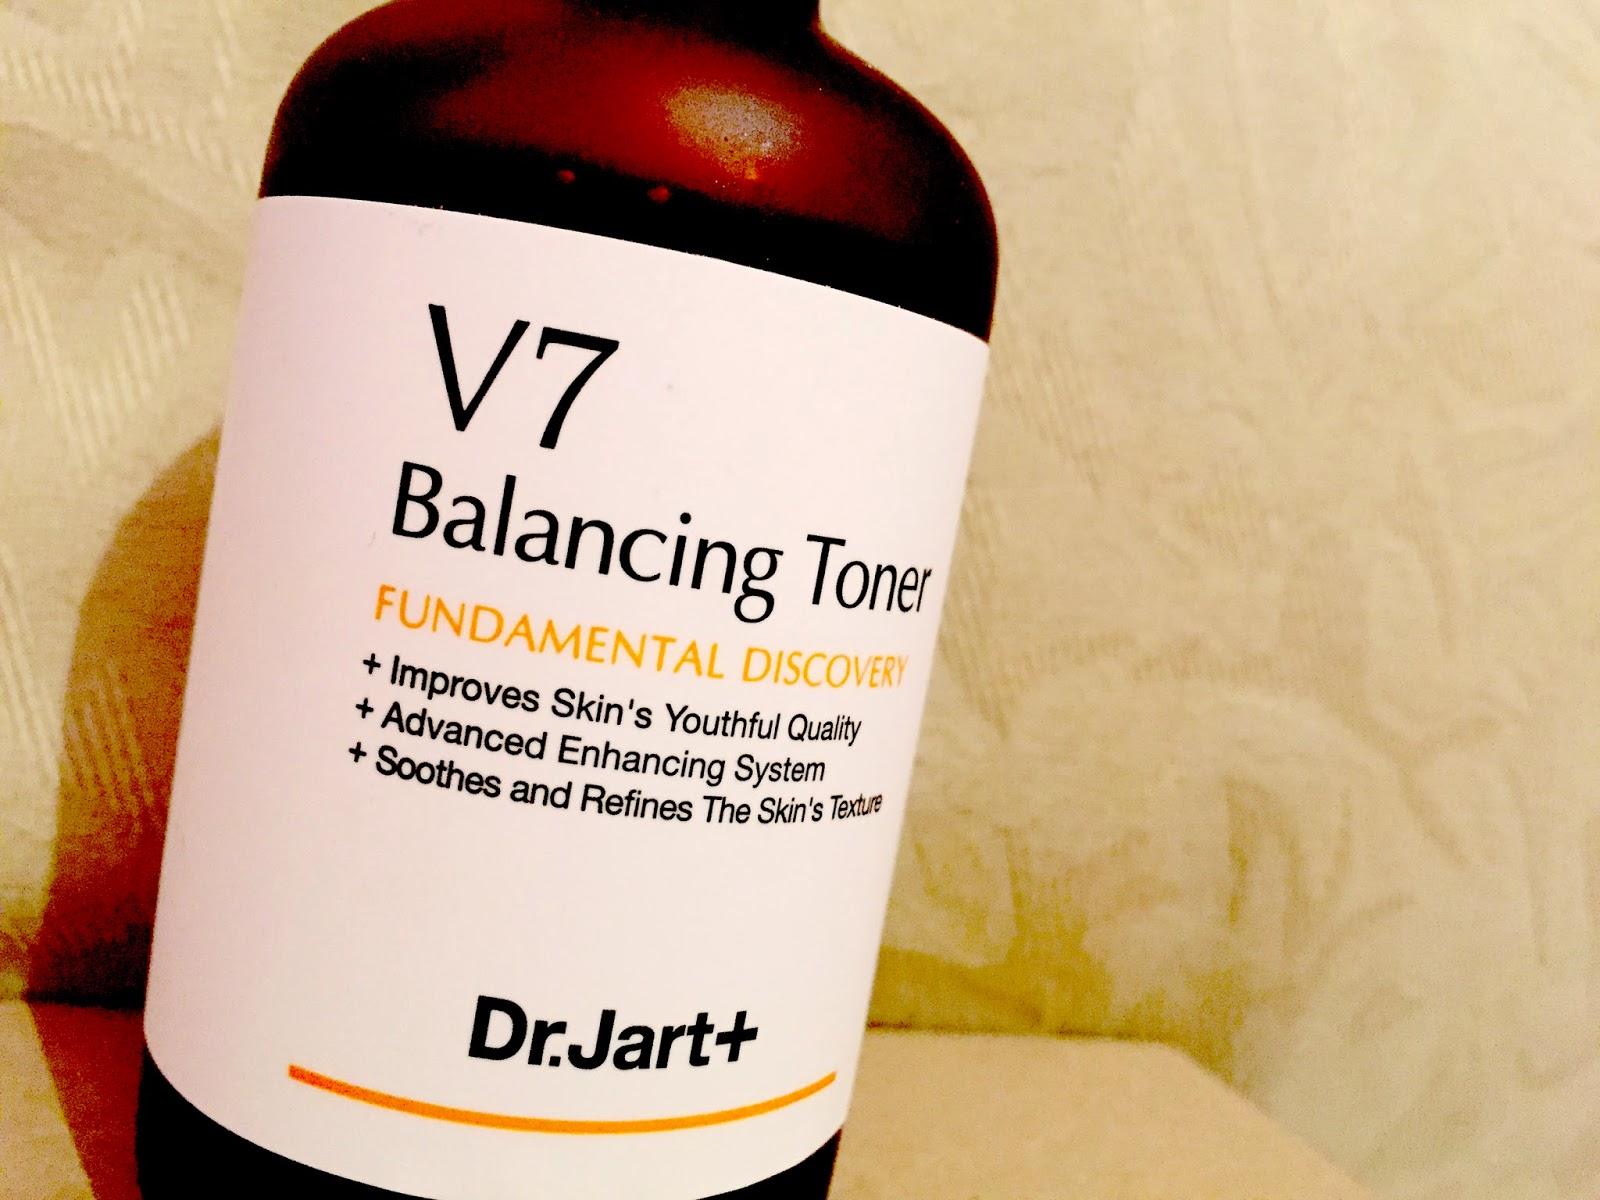 Dr Jart+ V7 Balancing Toner Review